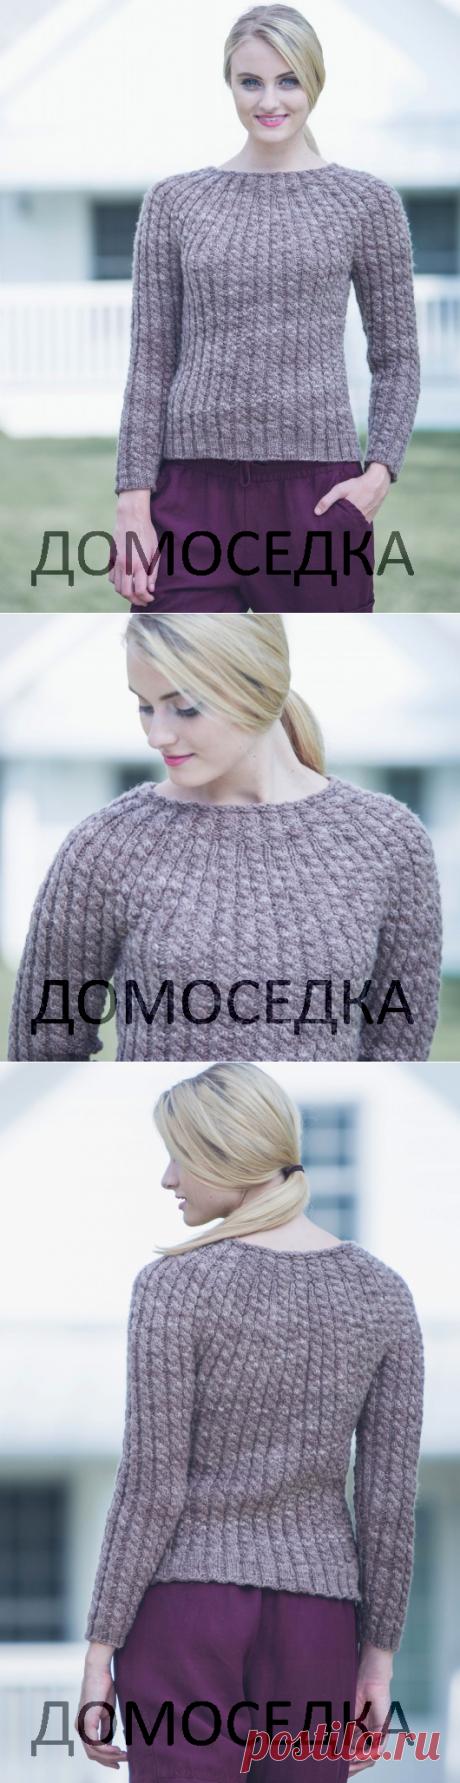 Вязание пуловера косами | ДОМОСЕДКА